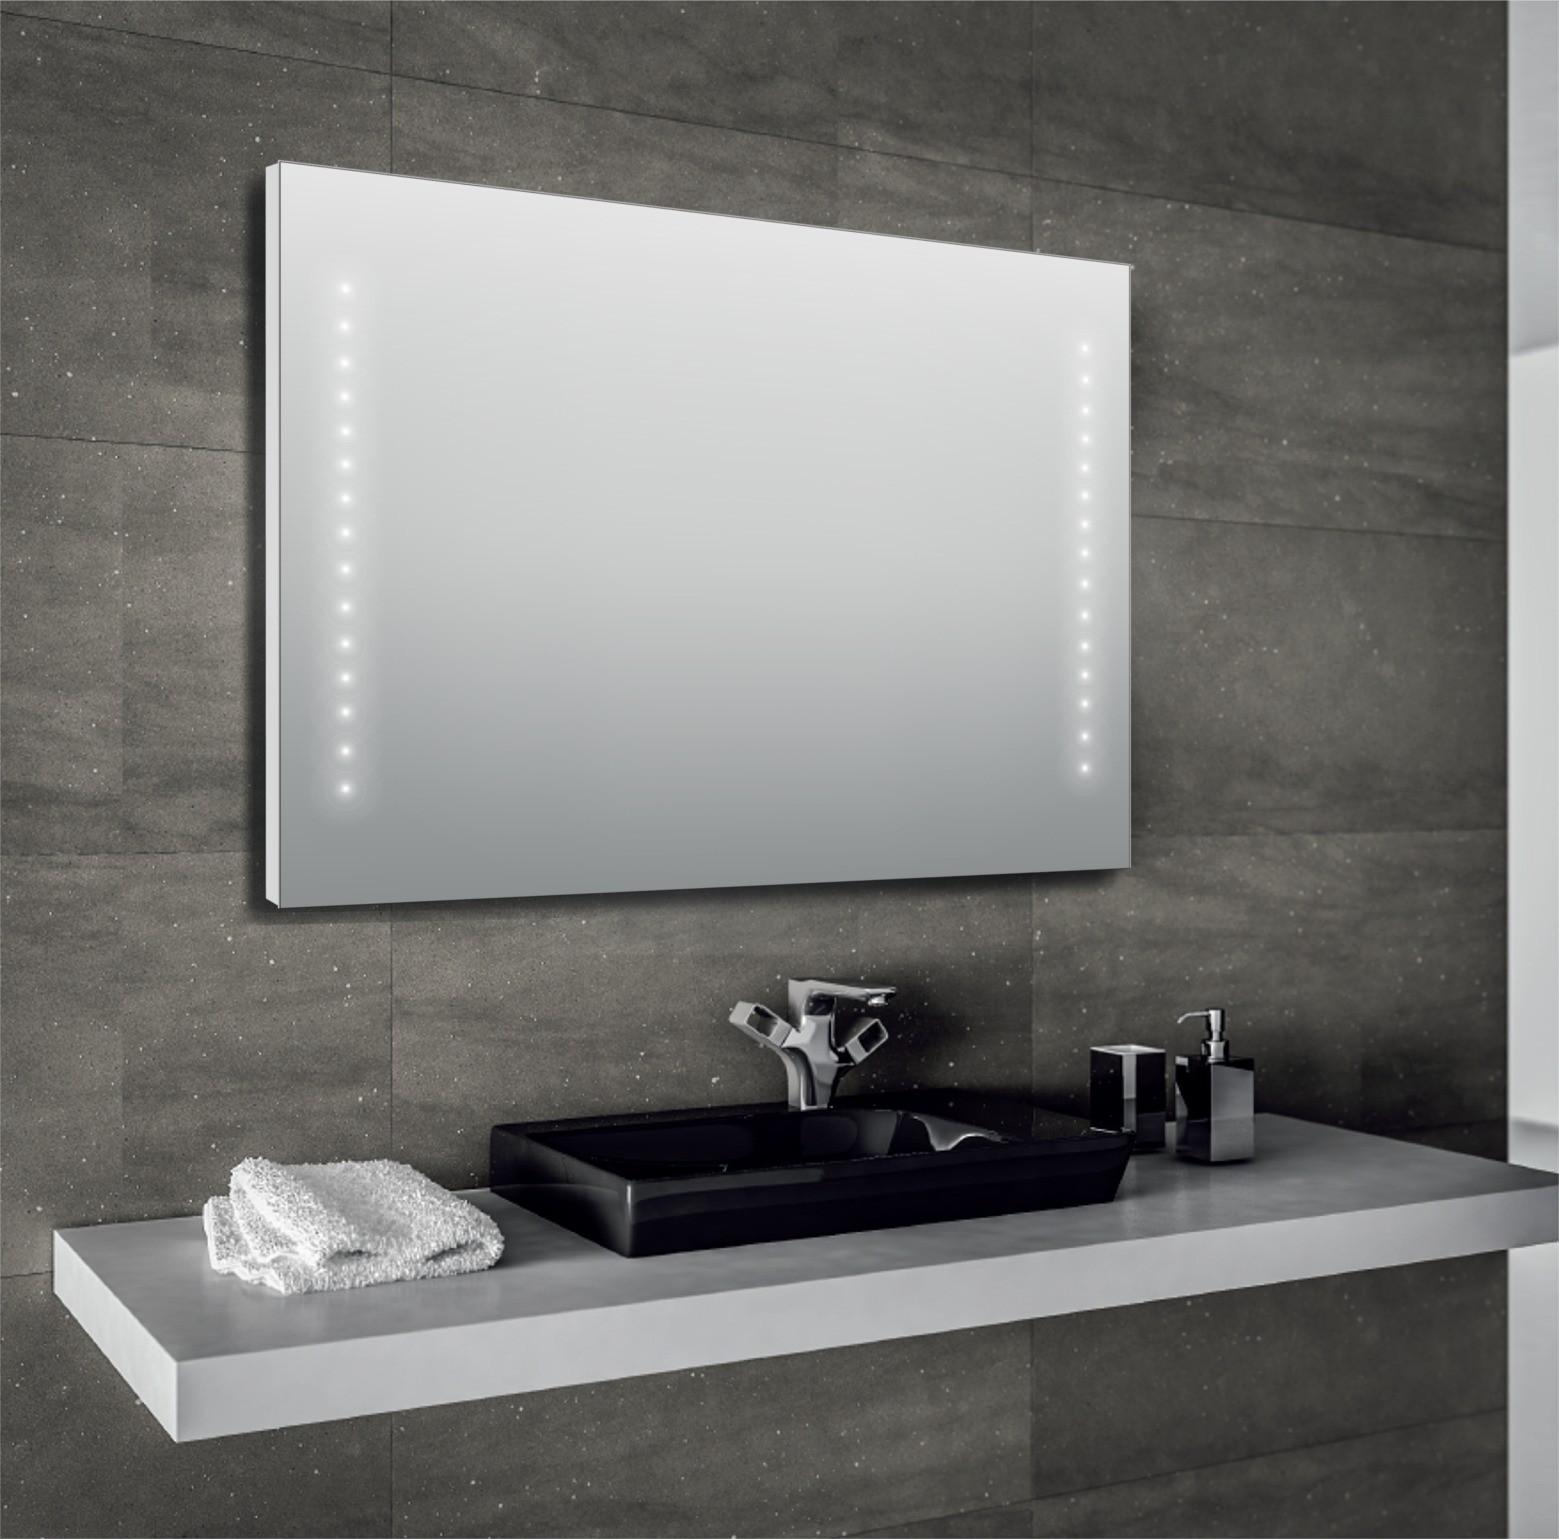 Lampadari stile industriale da parete - Lampade a led per specchio da bagno ...